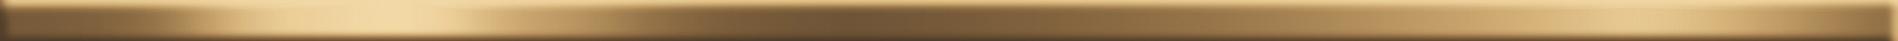 Купить Керамическая плитка AltaСera Lantana Tenor Gold BW0TNR09 бордюр 1, 3x60, Россия